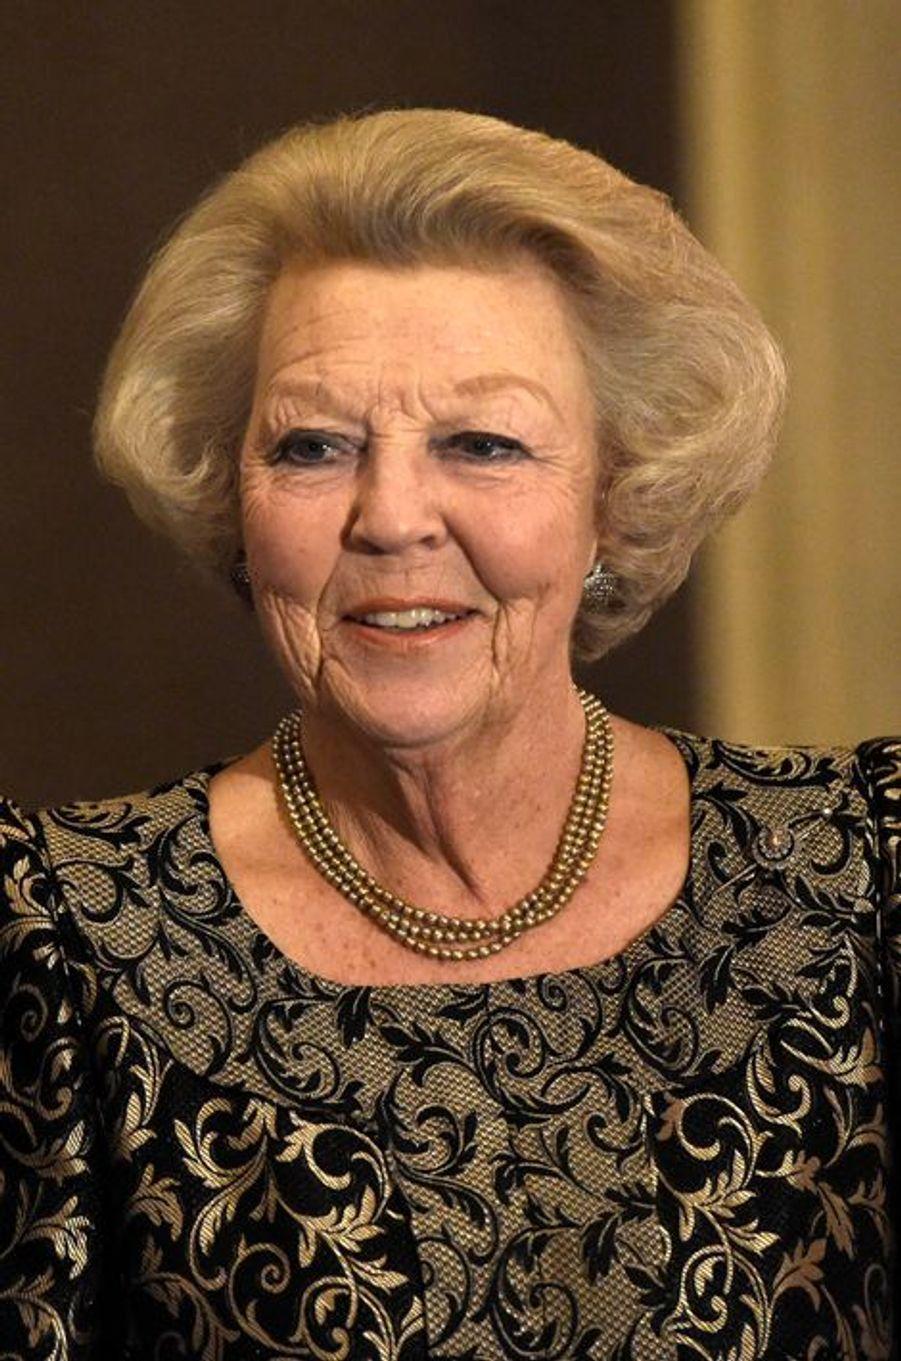 La princesse Beatrix des Pays-Bas à Amsterdam, le 25 novembre 2015